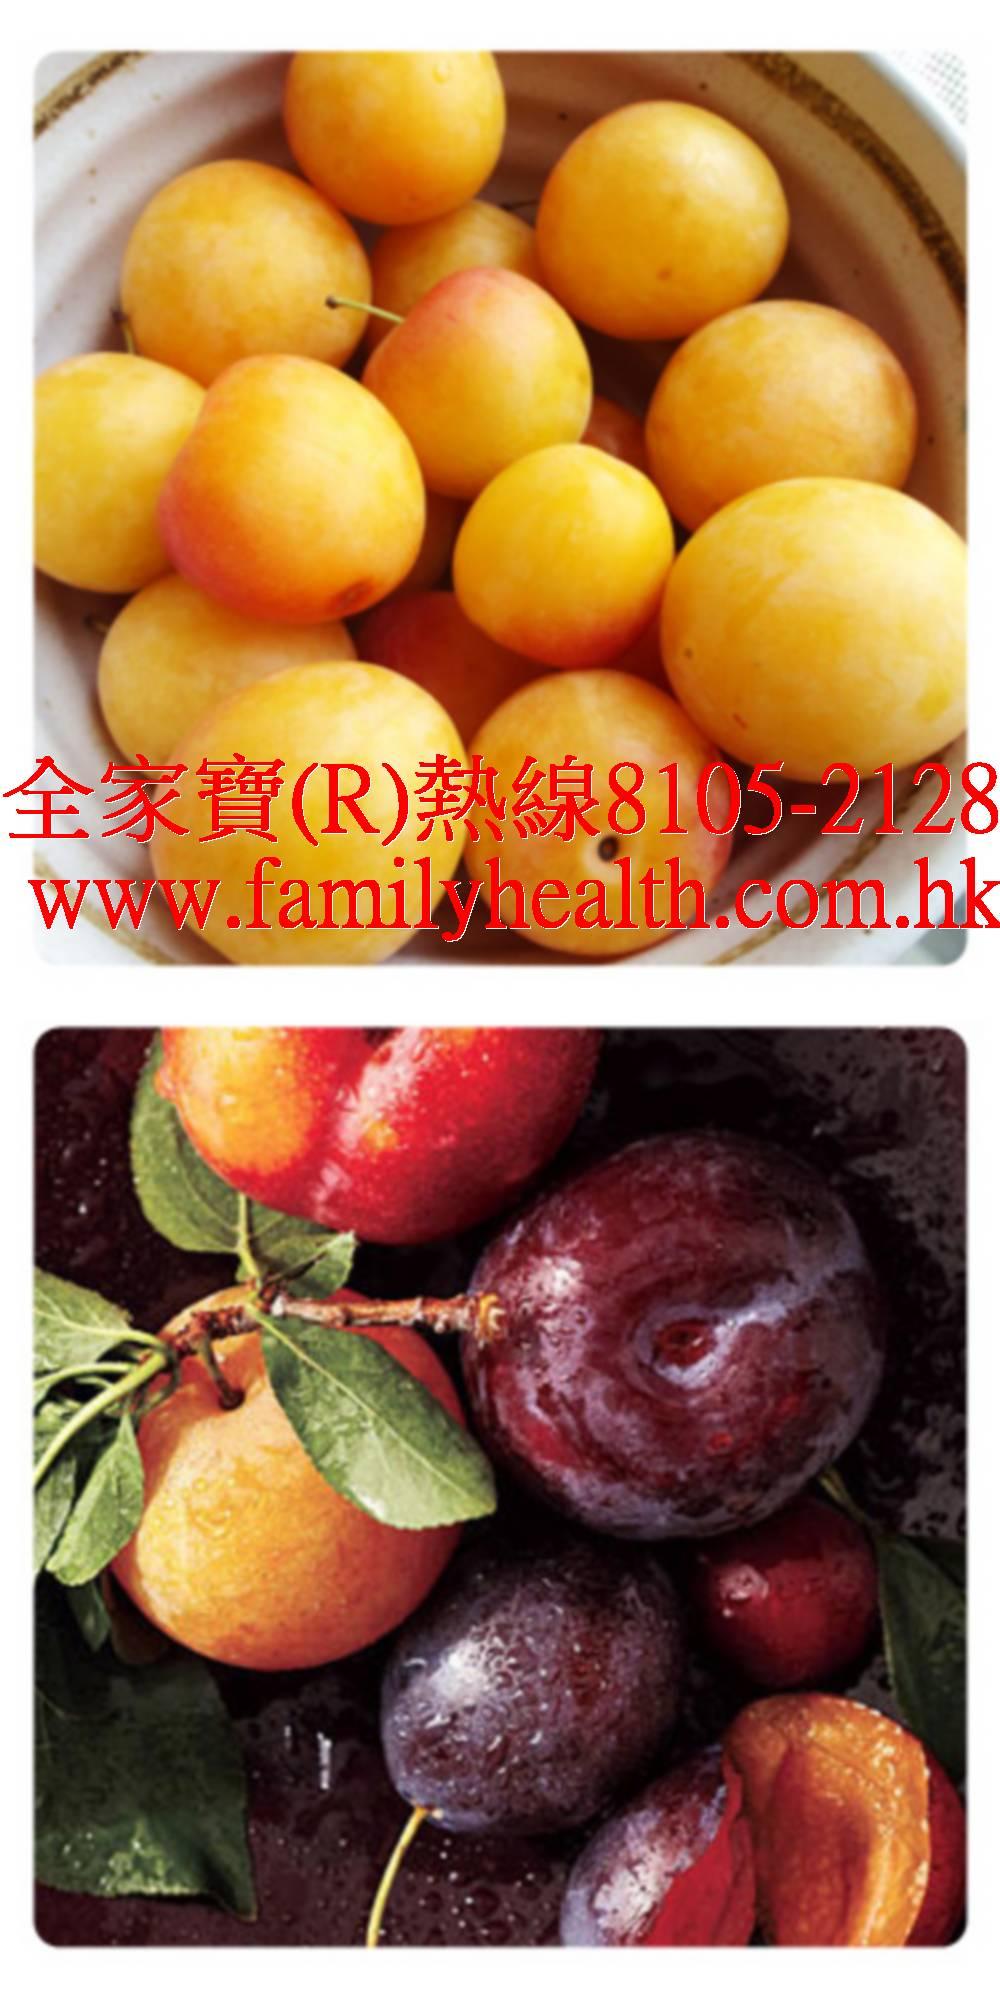 http://www.familyhealth.com.hk/files/full/952_3.jpg